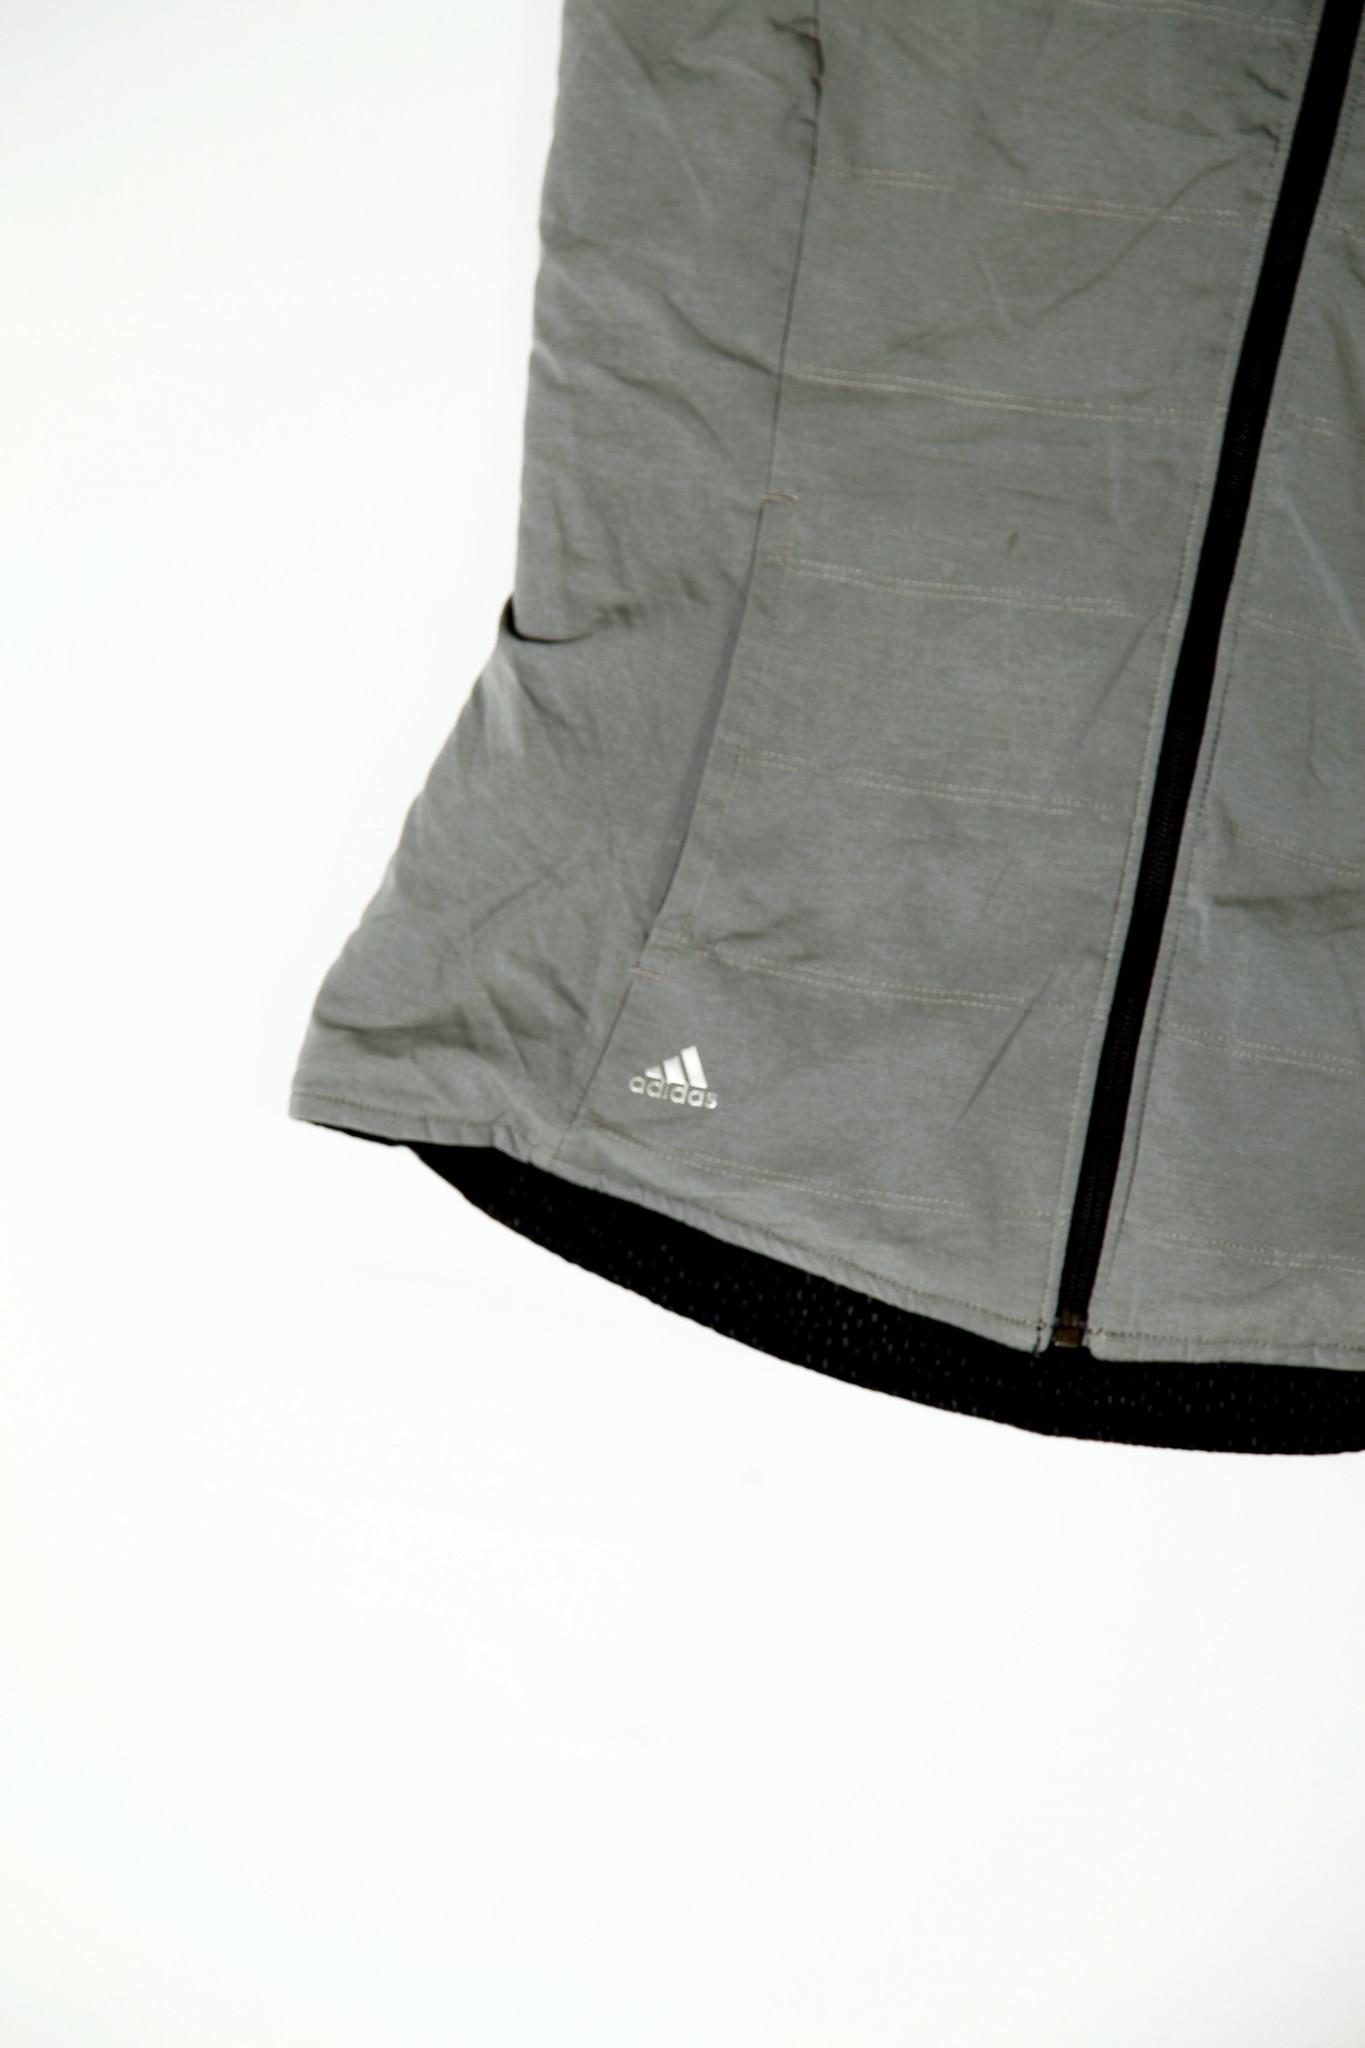 Grey Adidas bodywarmer